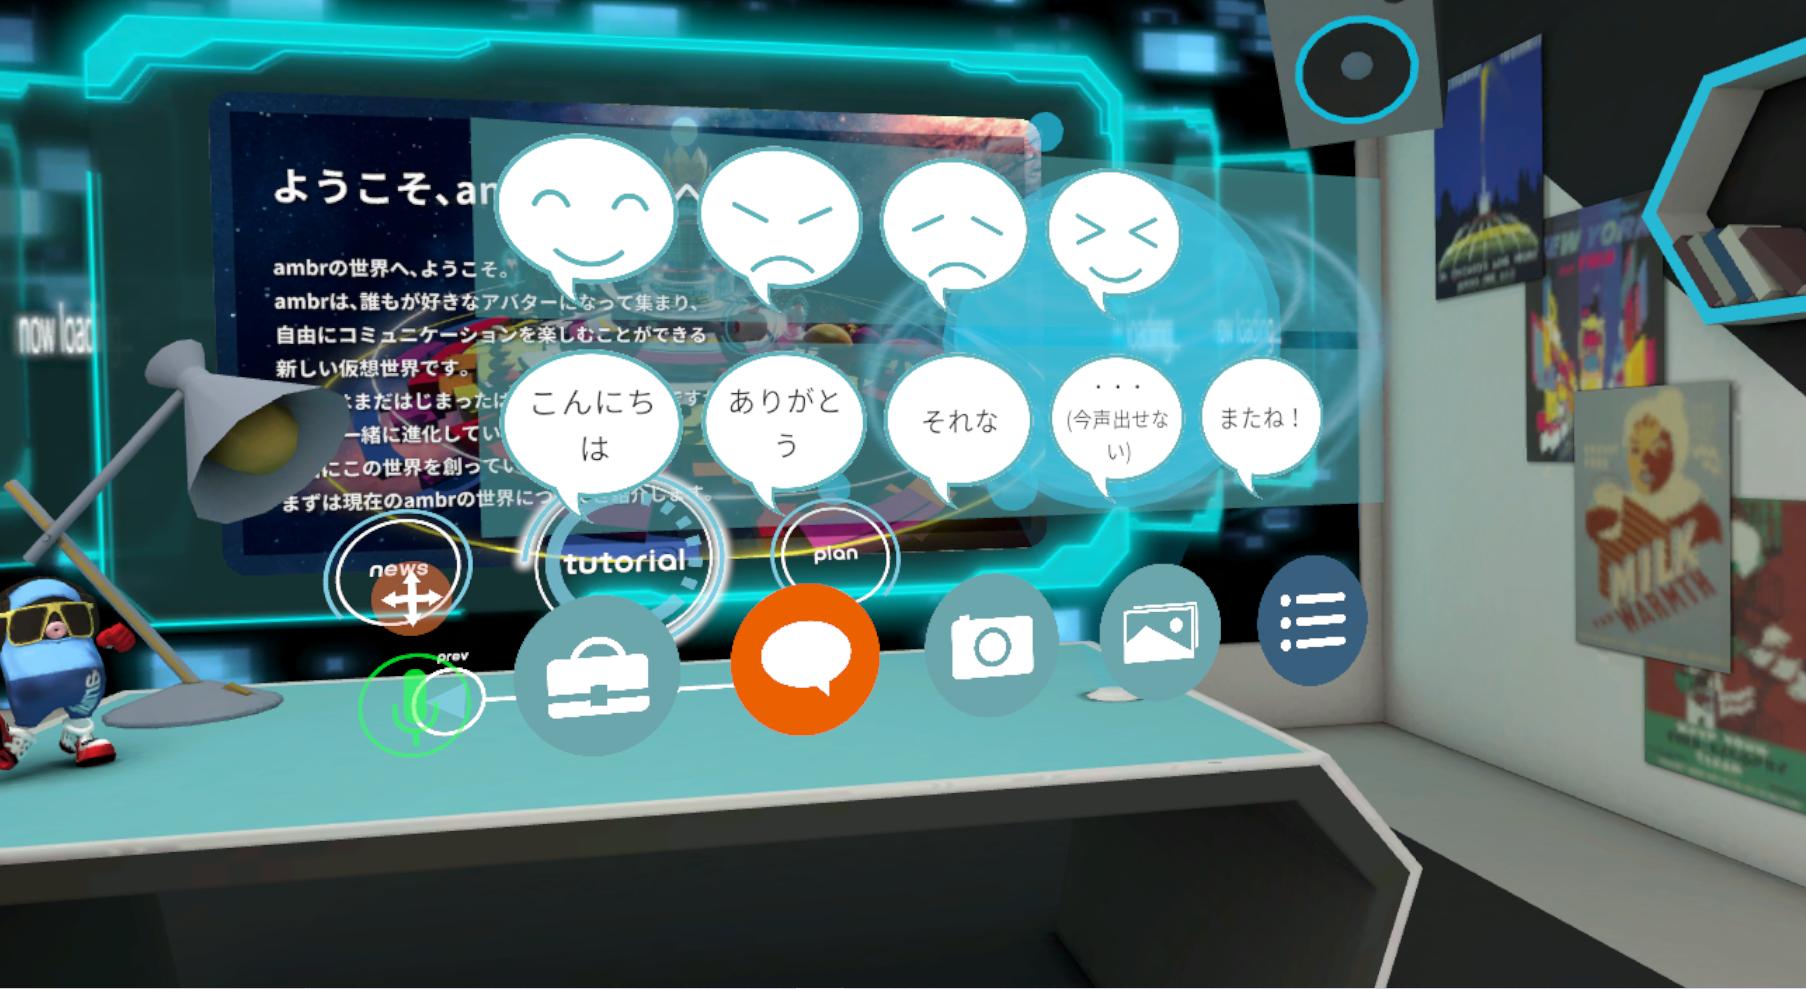 VR SNS【ambr】のメニュー説明6